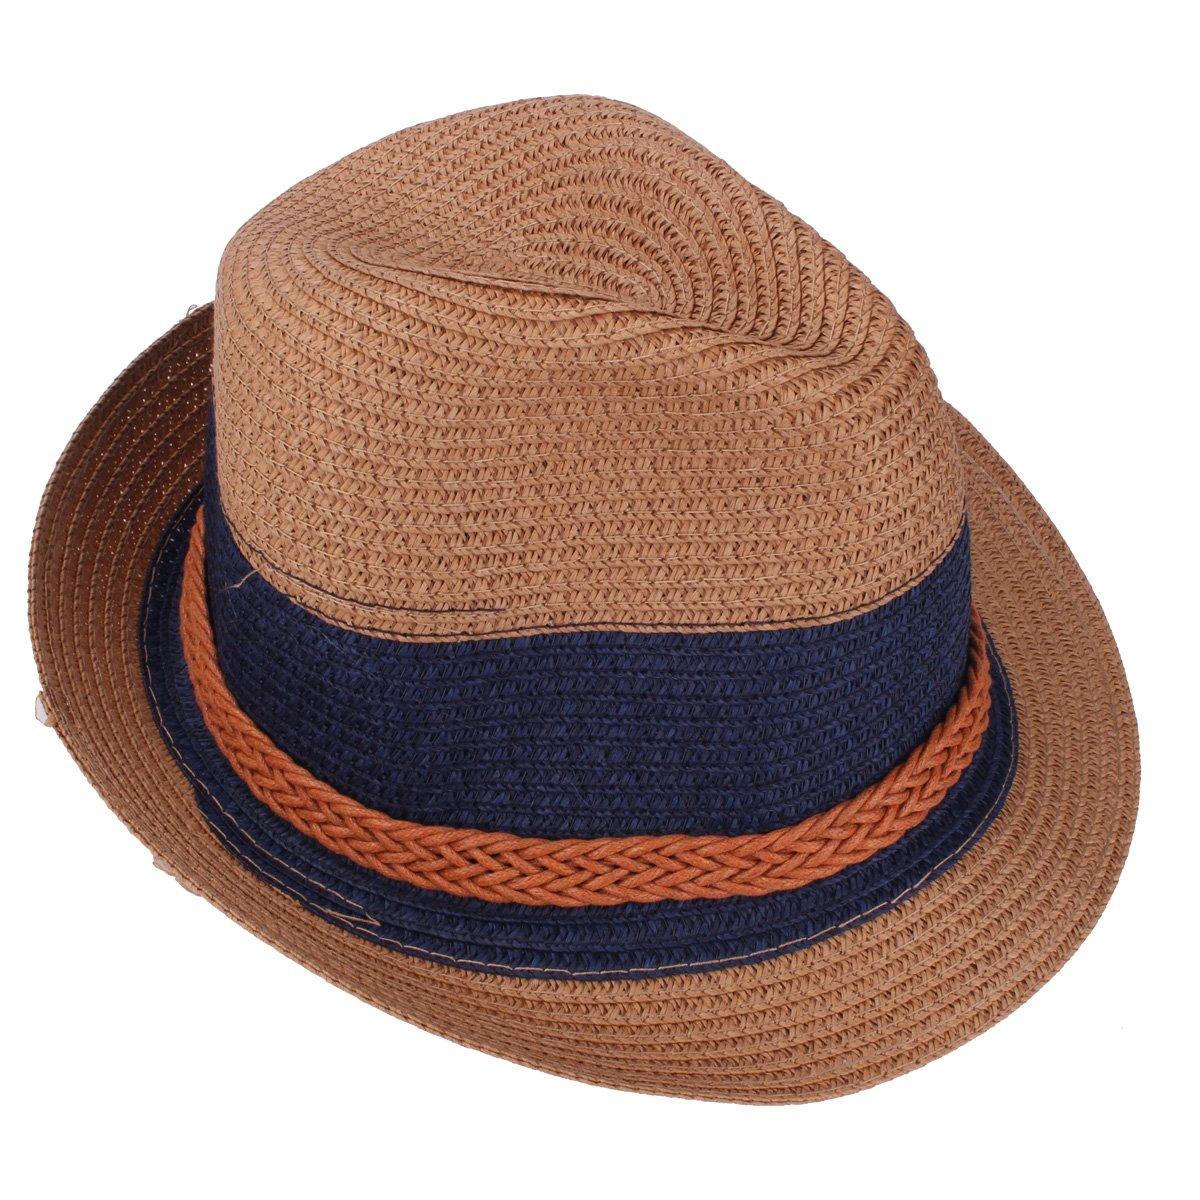 Sombrero de Paja de Panam/á Sombrero de Mujer Sombrero de Verano Sombrero de Sol Fedora Gorra de Concha Correa de Cuero